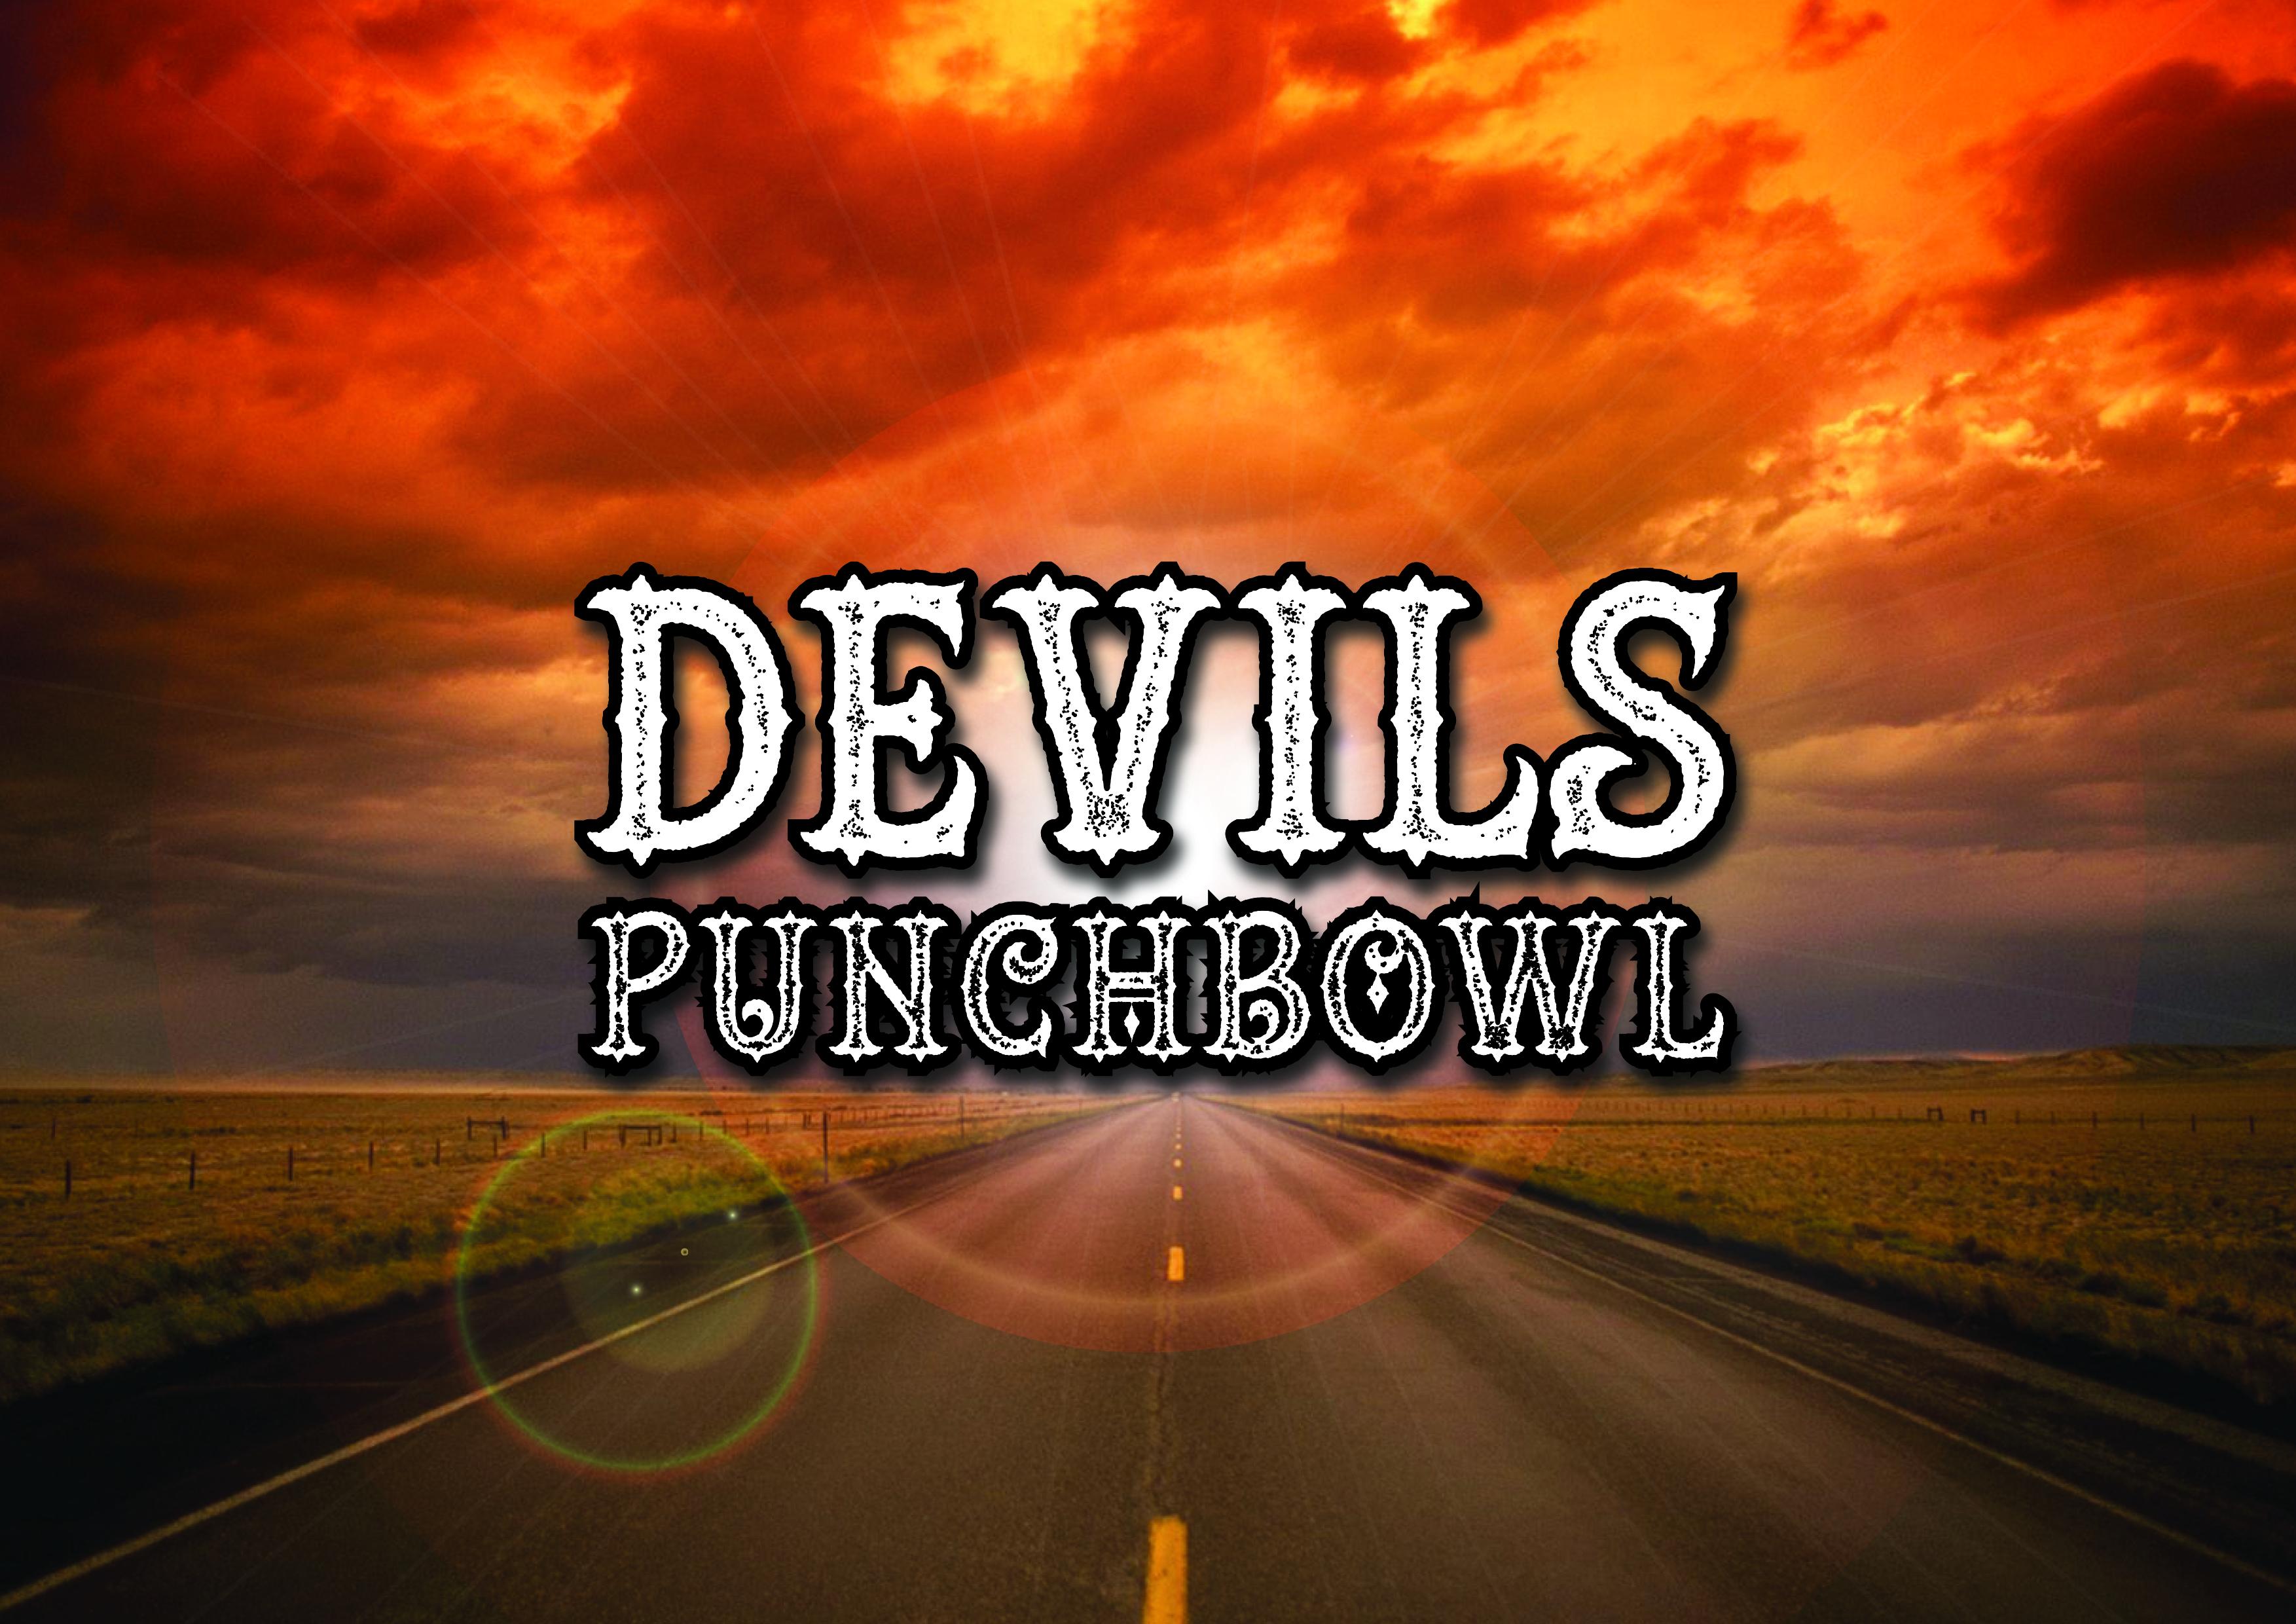 DEVILS PUNCHBOWL